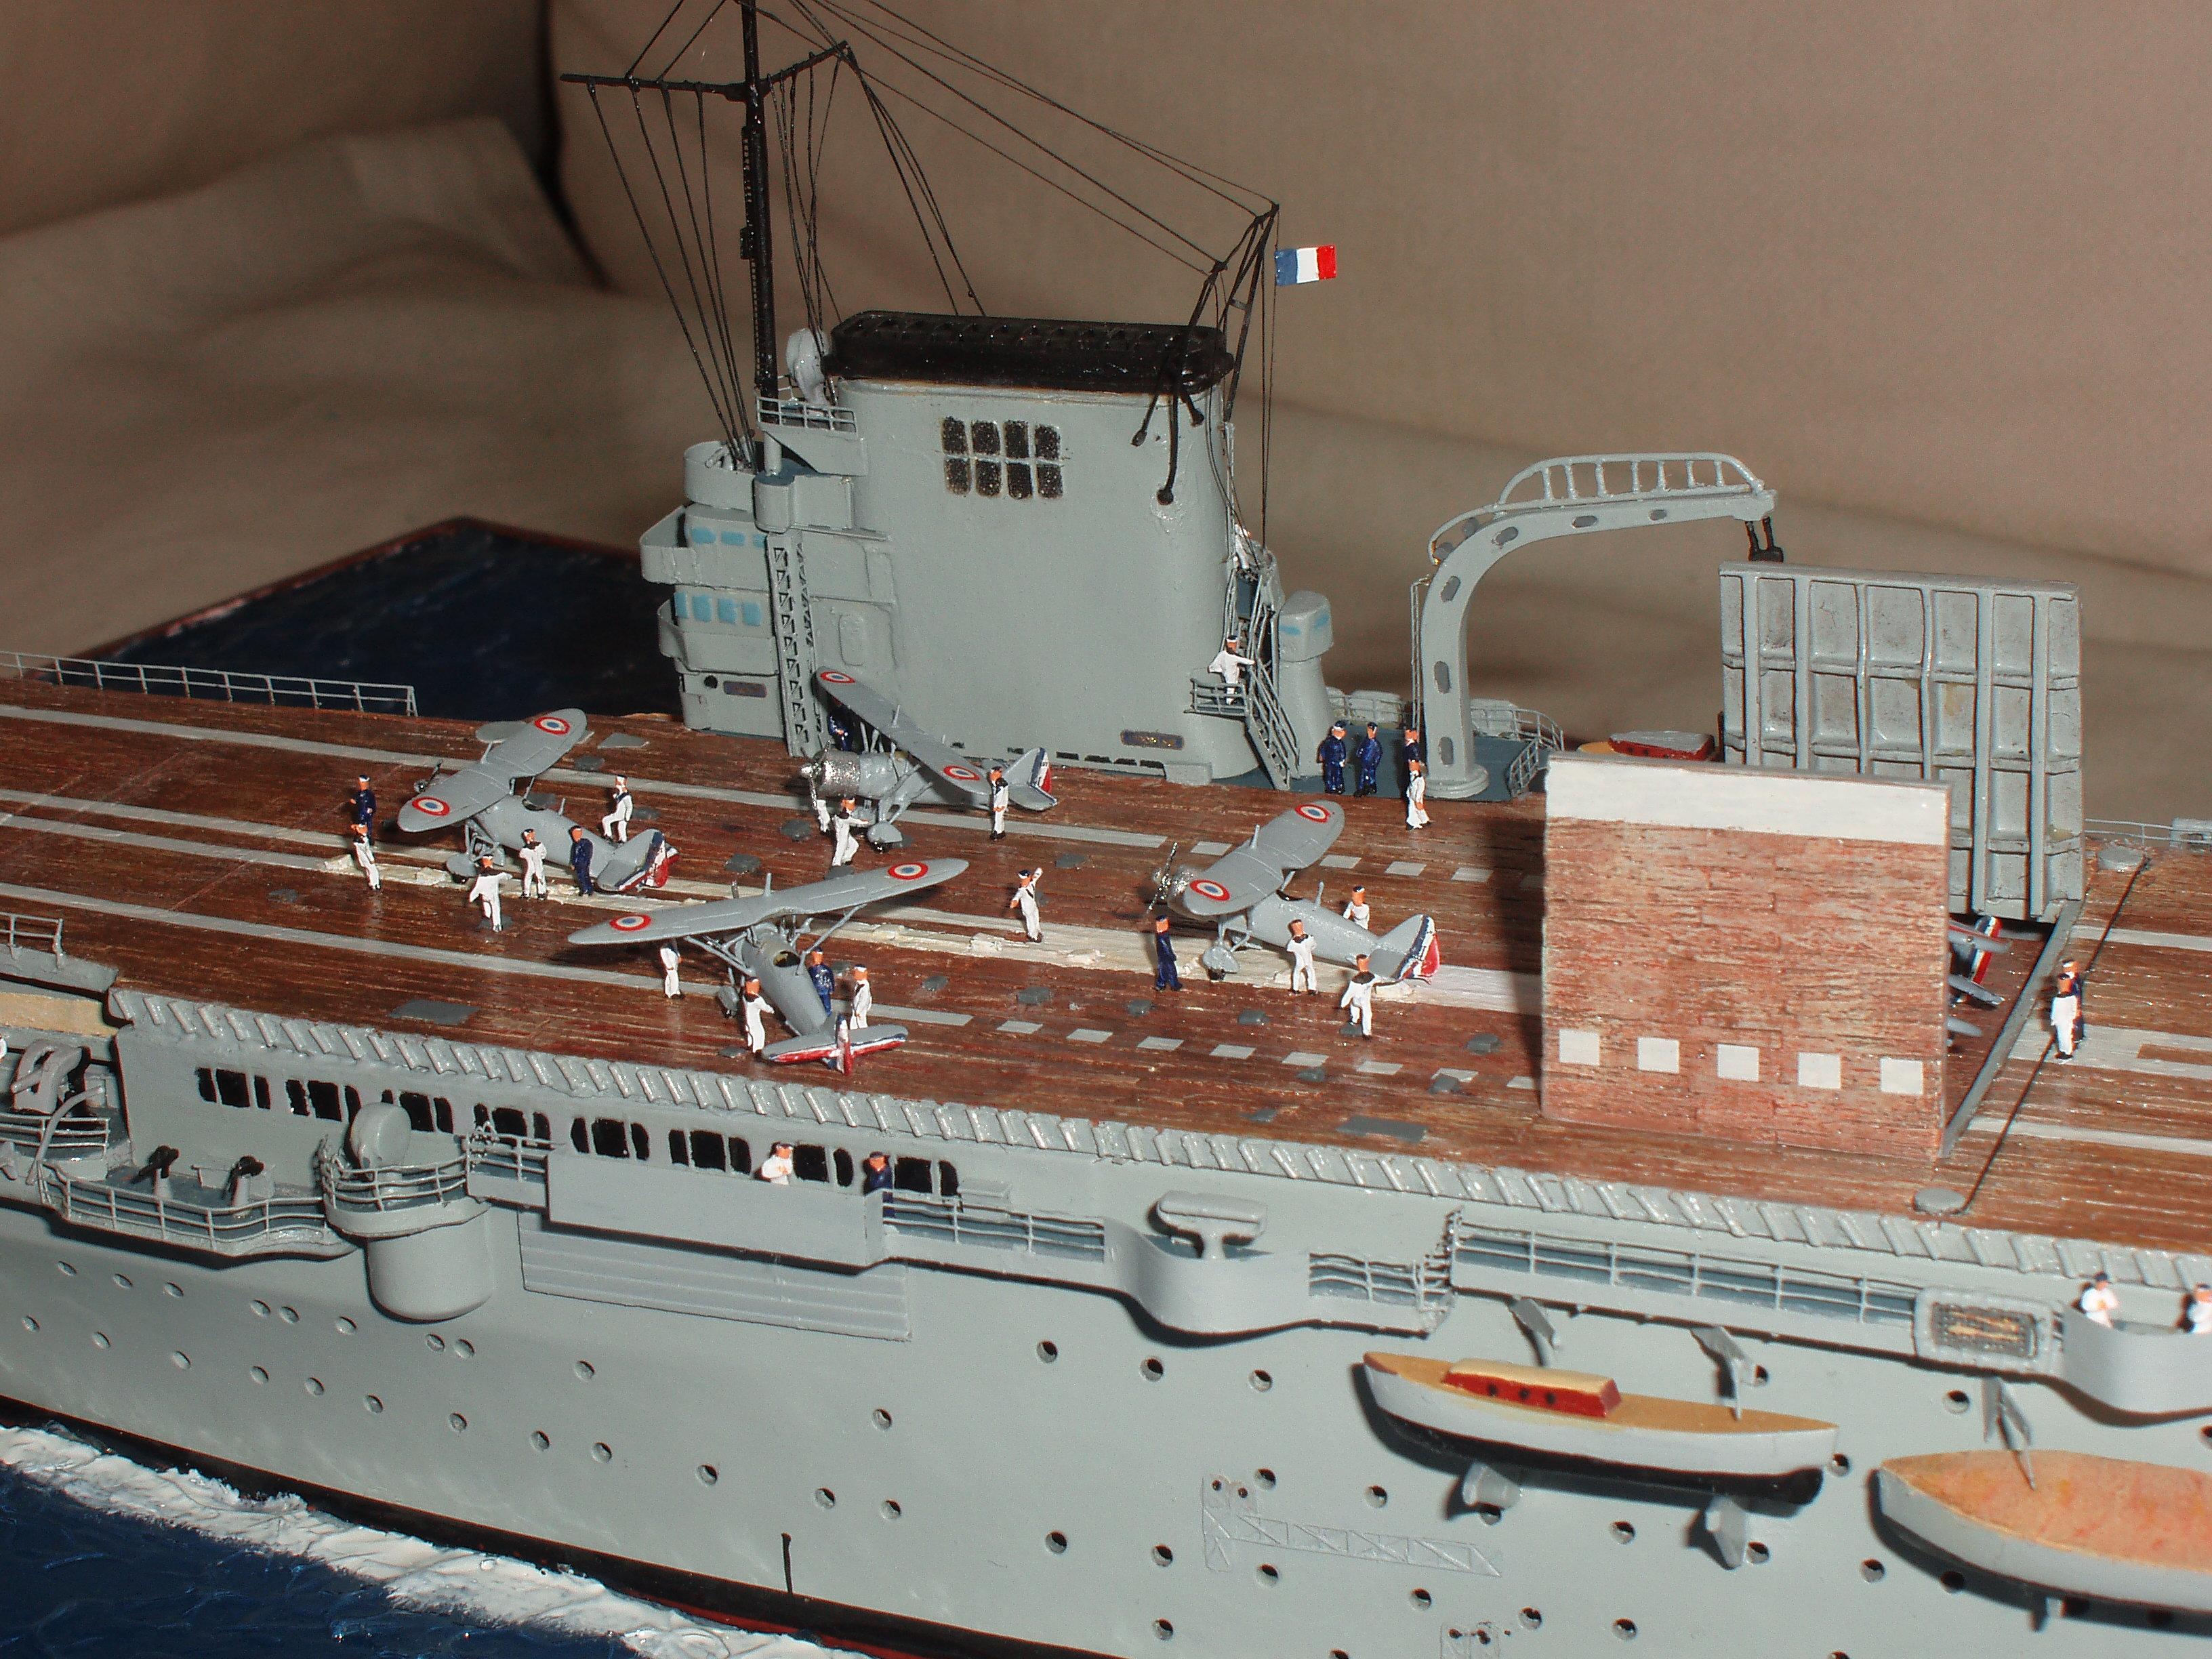 Porte-avions Béarn de L'ARSENAL/NAVIRES ET HISTOIRE.  198837P6150182